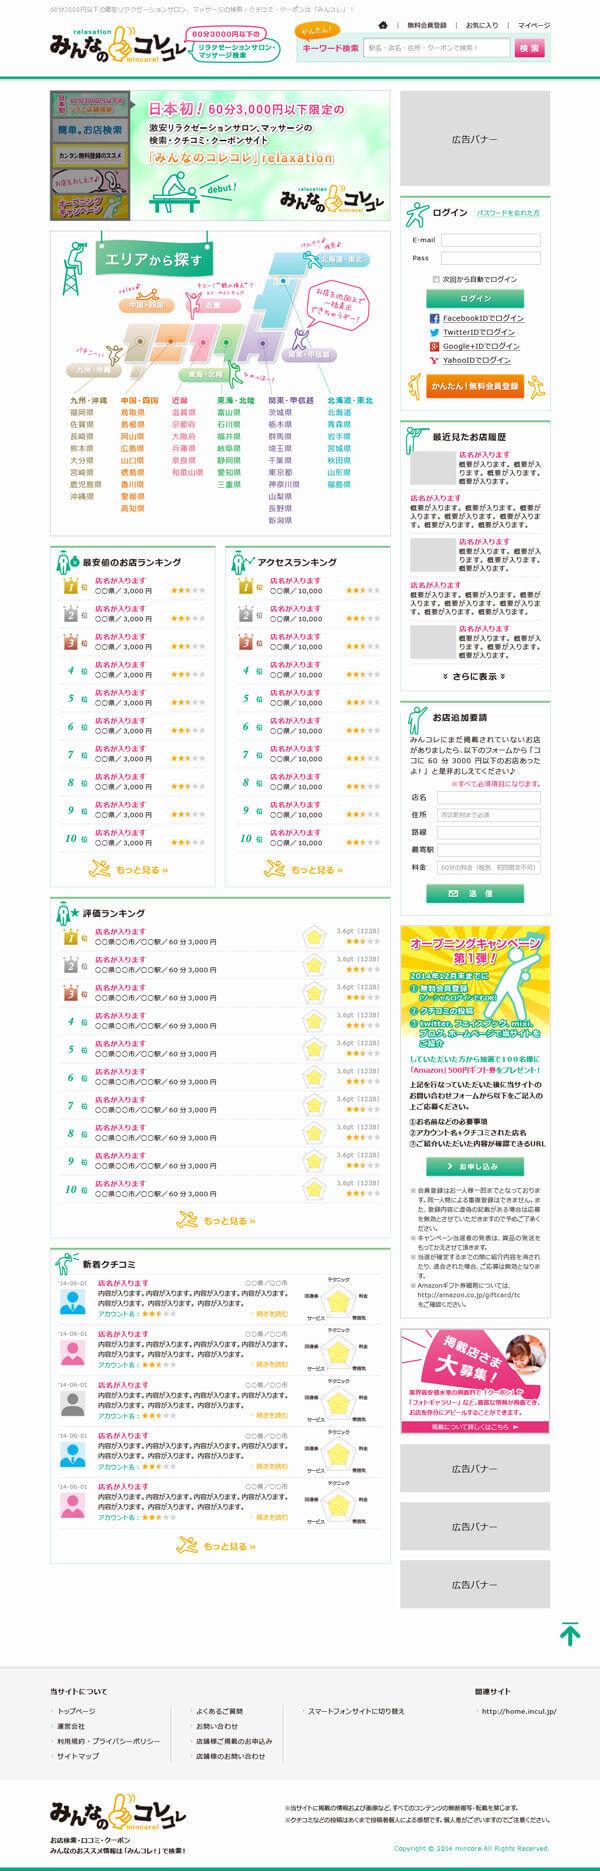 60分2980円などの激安マッサージの検索、クチコミサイト「みんコレ!relaxation」の制作TOPページ